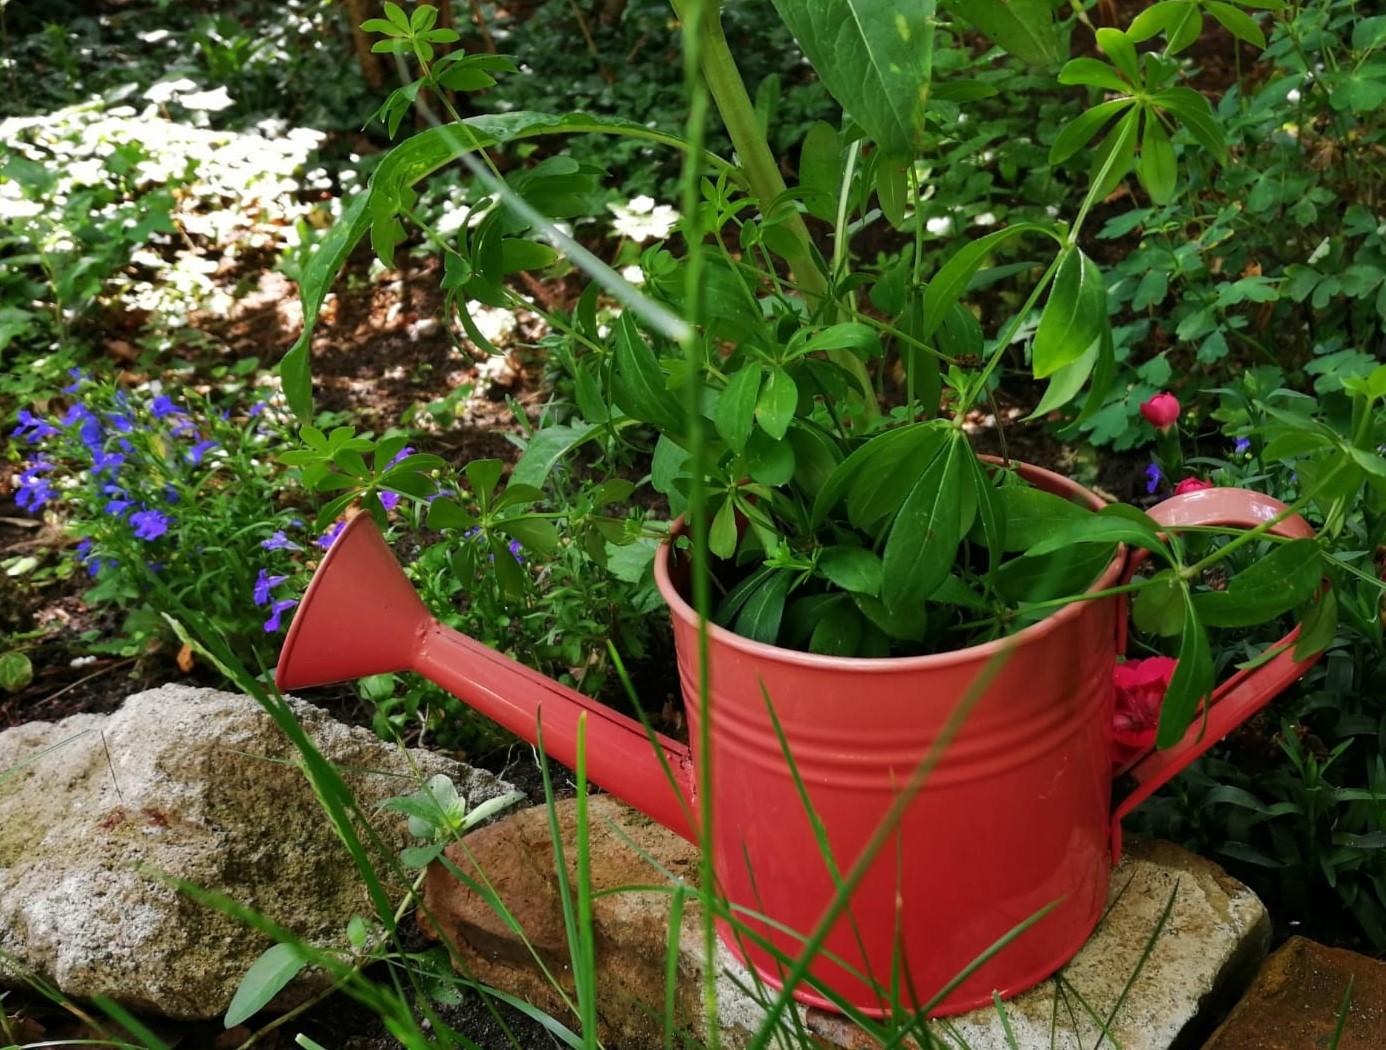 Alte, rote Gießkanne, als Blumentopf für eine grüne Pflanze in einem Beet